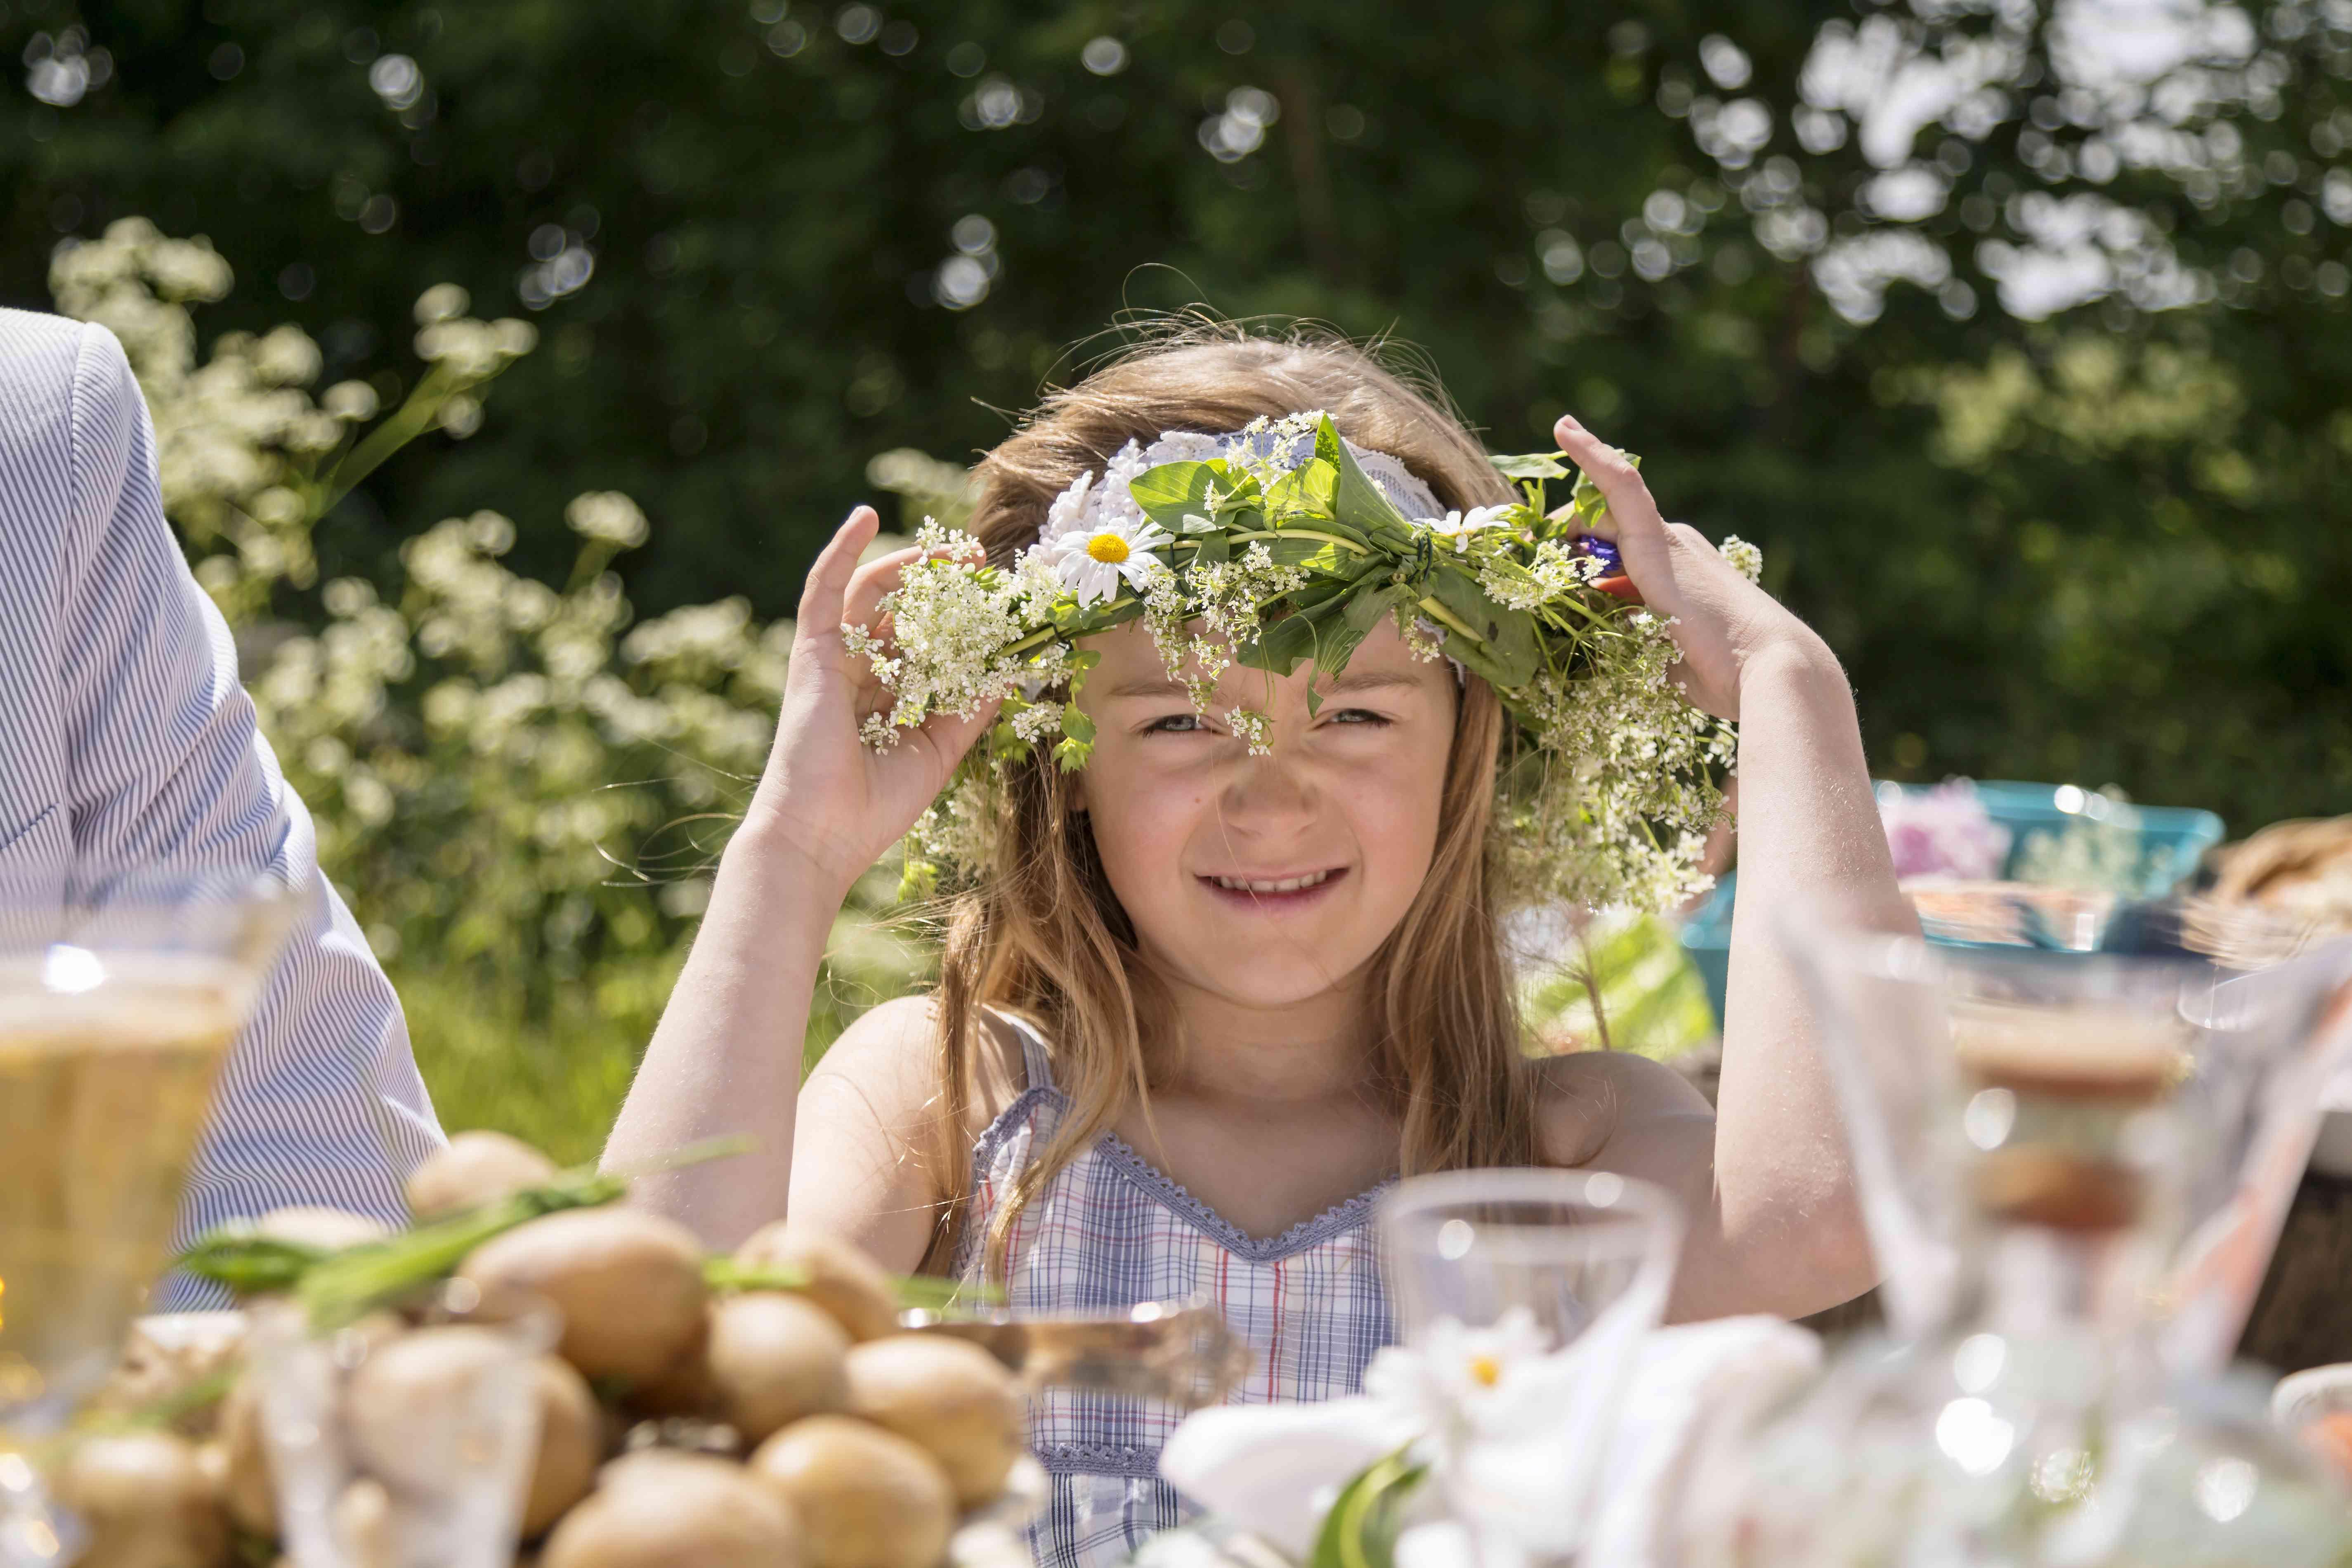 Sweden, Skane, Portrait of girl (8-9) adjusting flower wreath